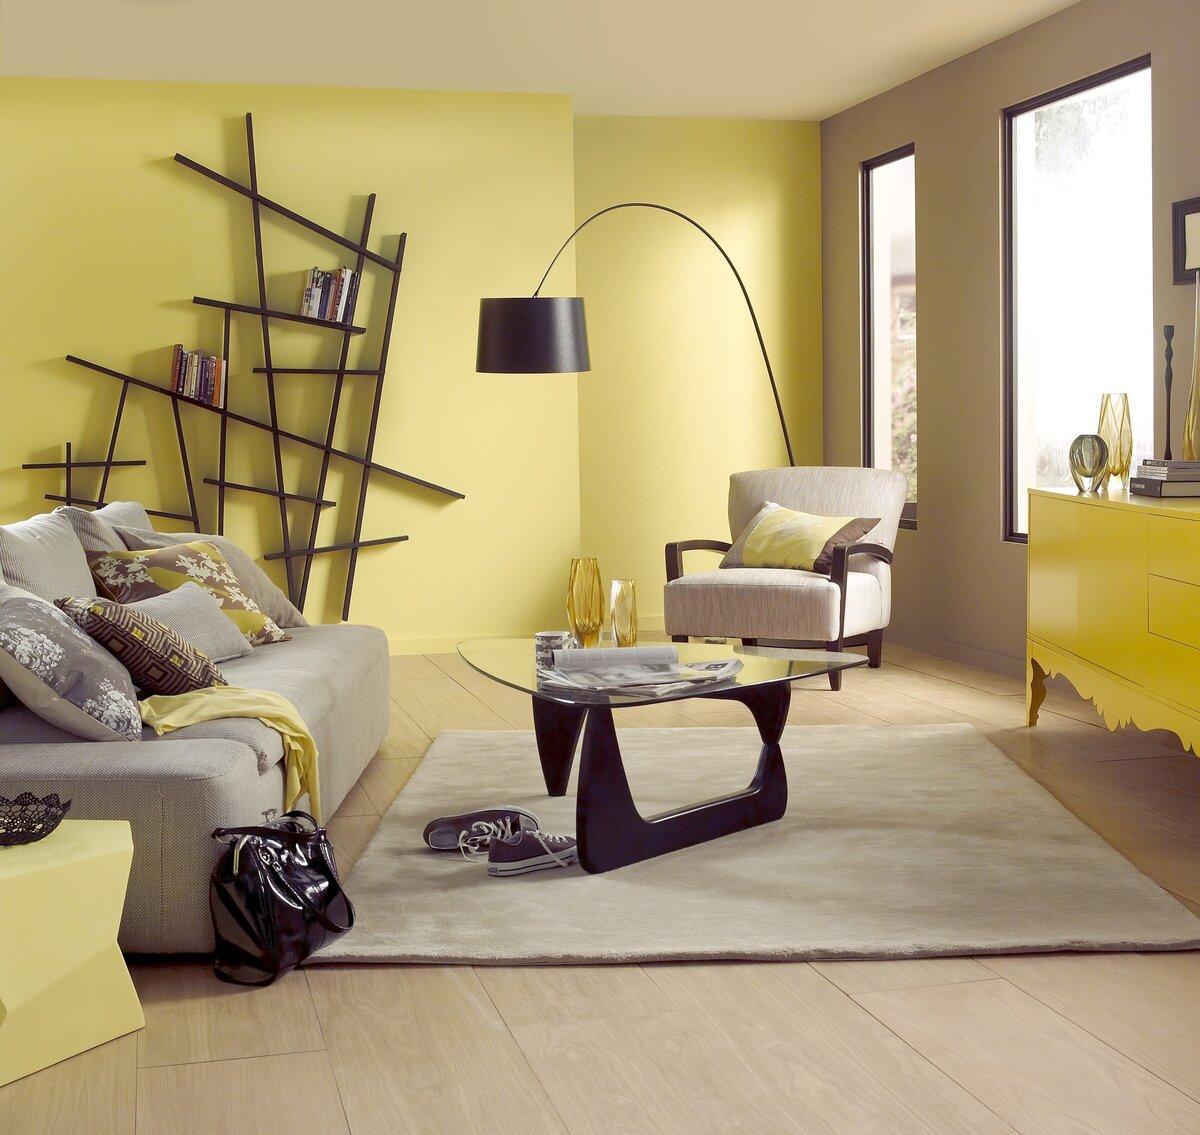 Ремонт квартиры своими руками: как покрасить стены?